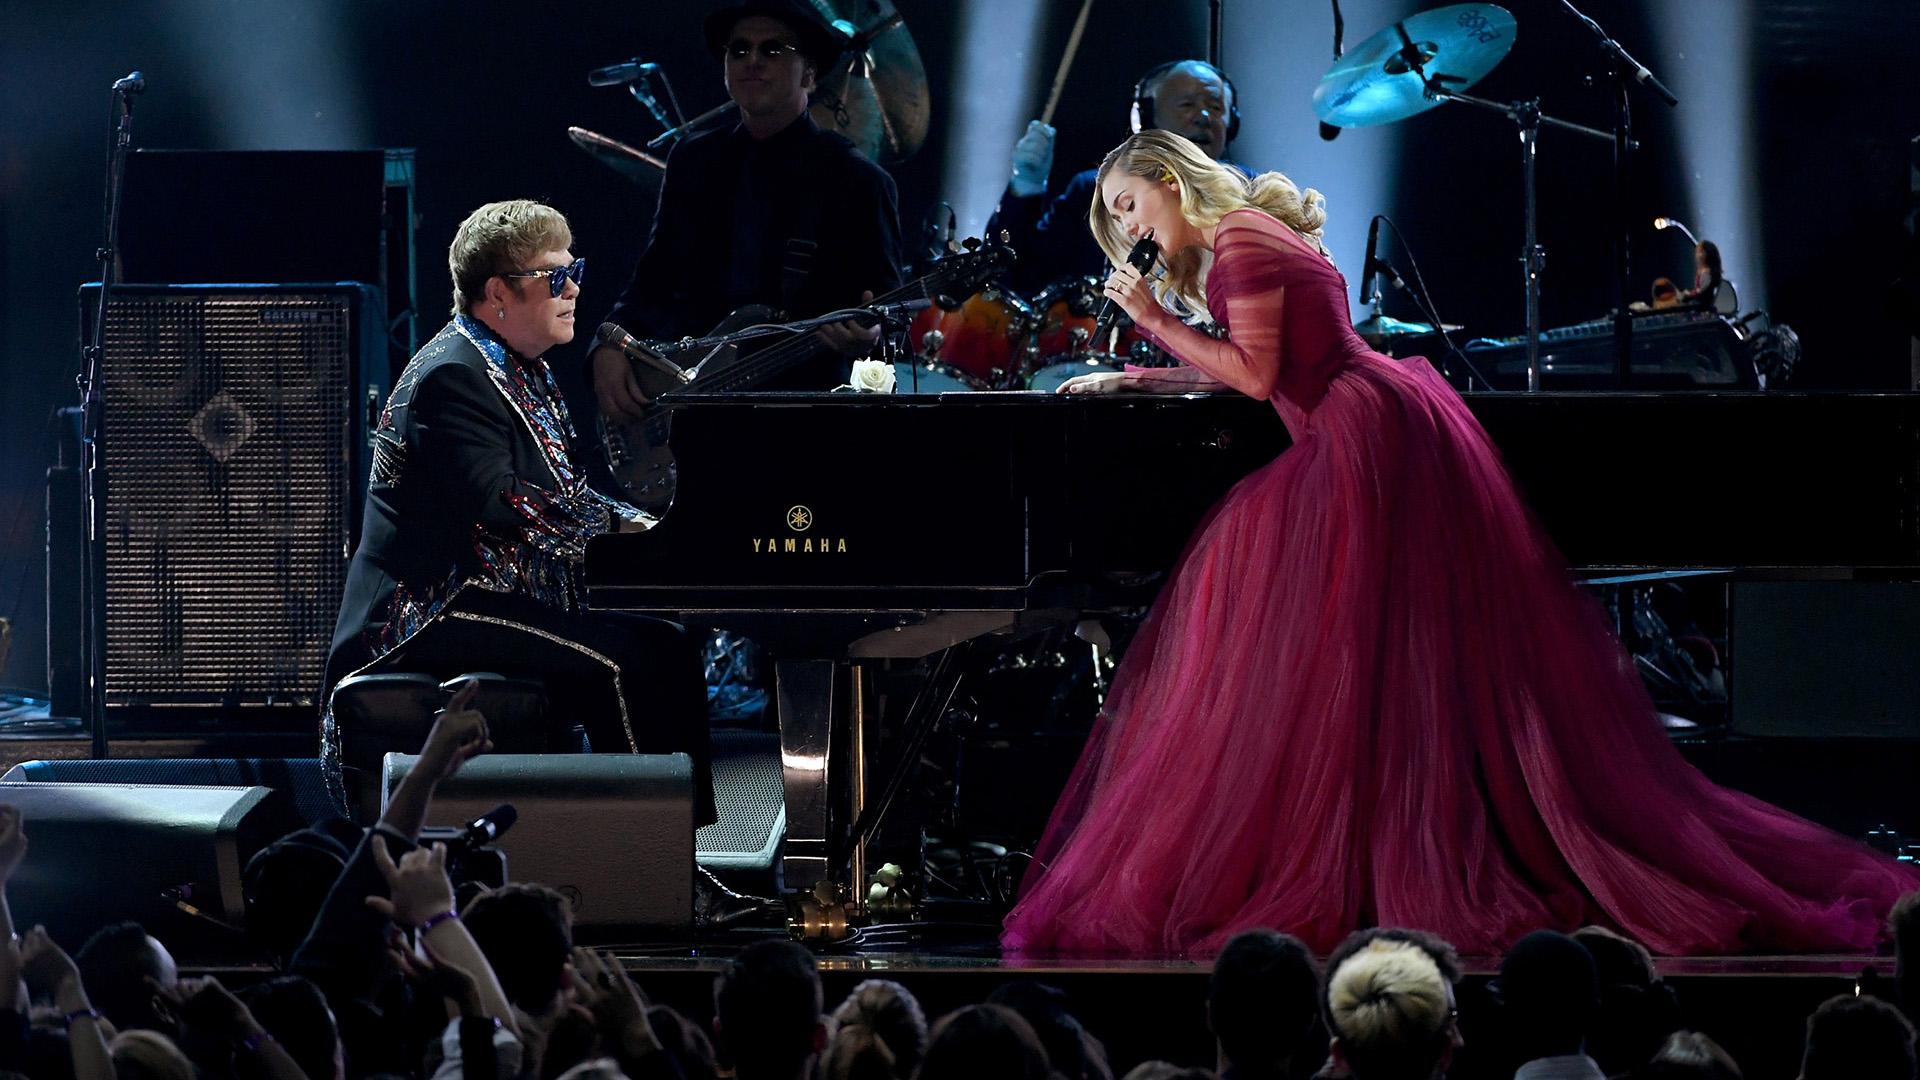 Luego Miley deslumbró con un vestido princesa en color borravino con metros de tul al cantar con Elton John